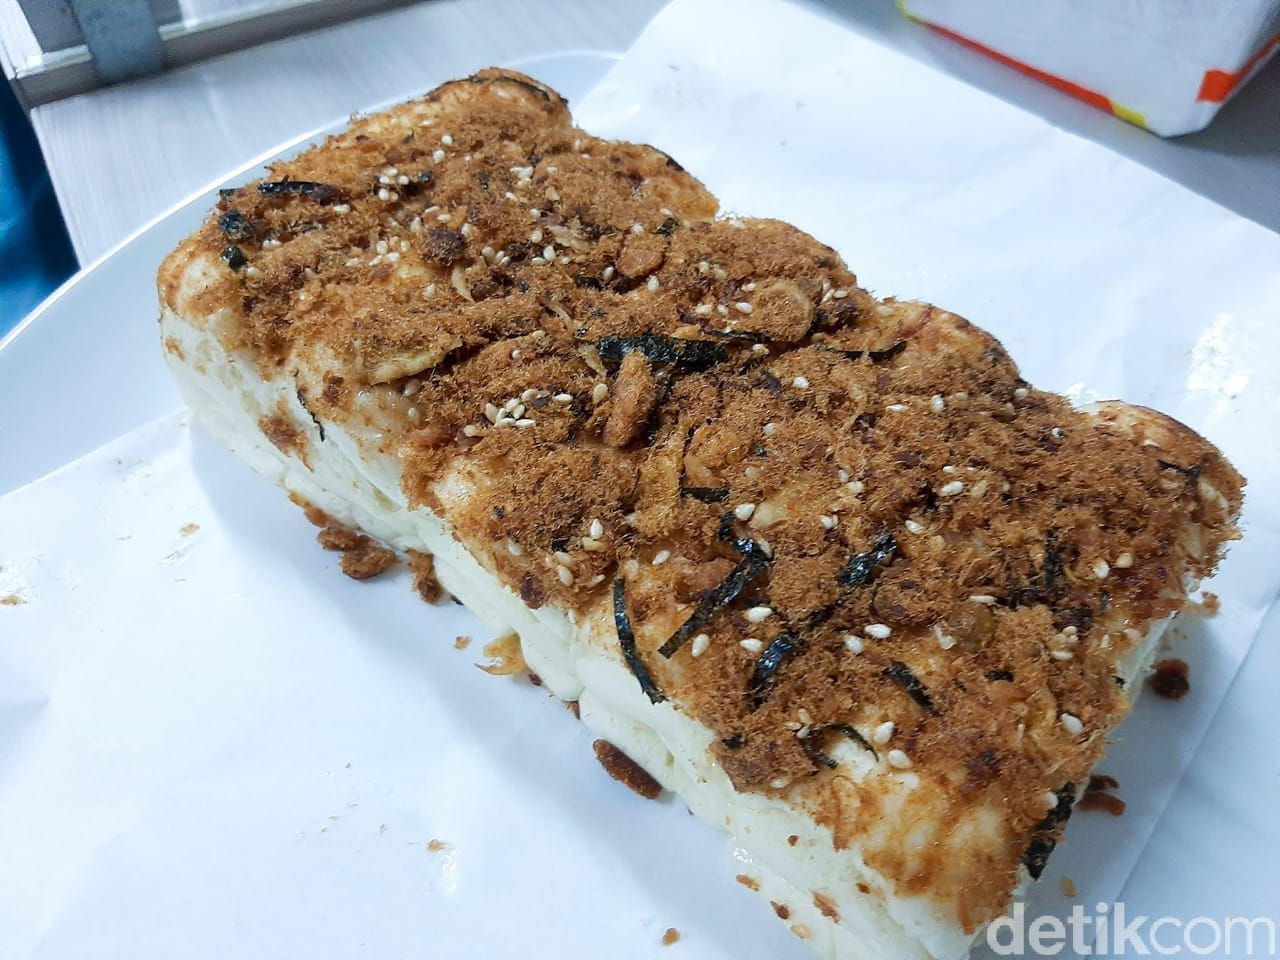 Review Oishii Japanese Bake